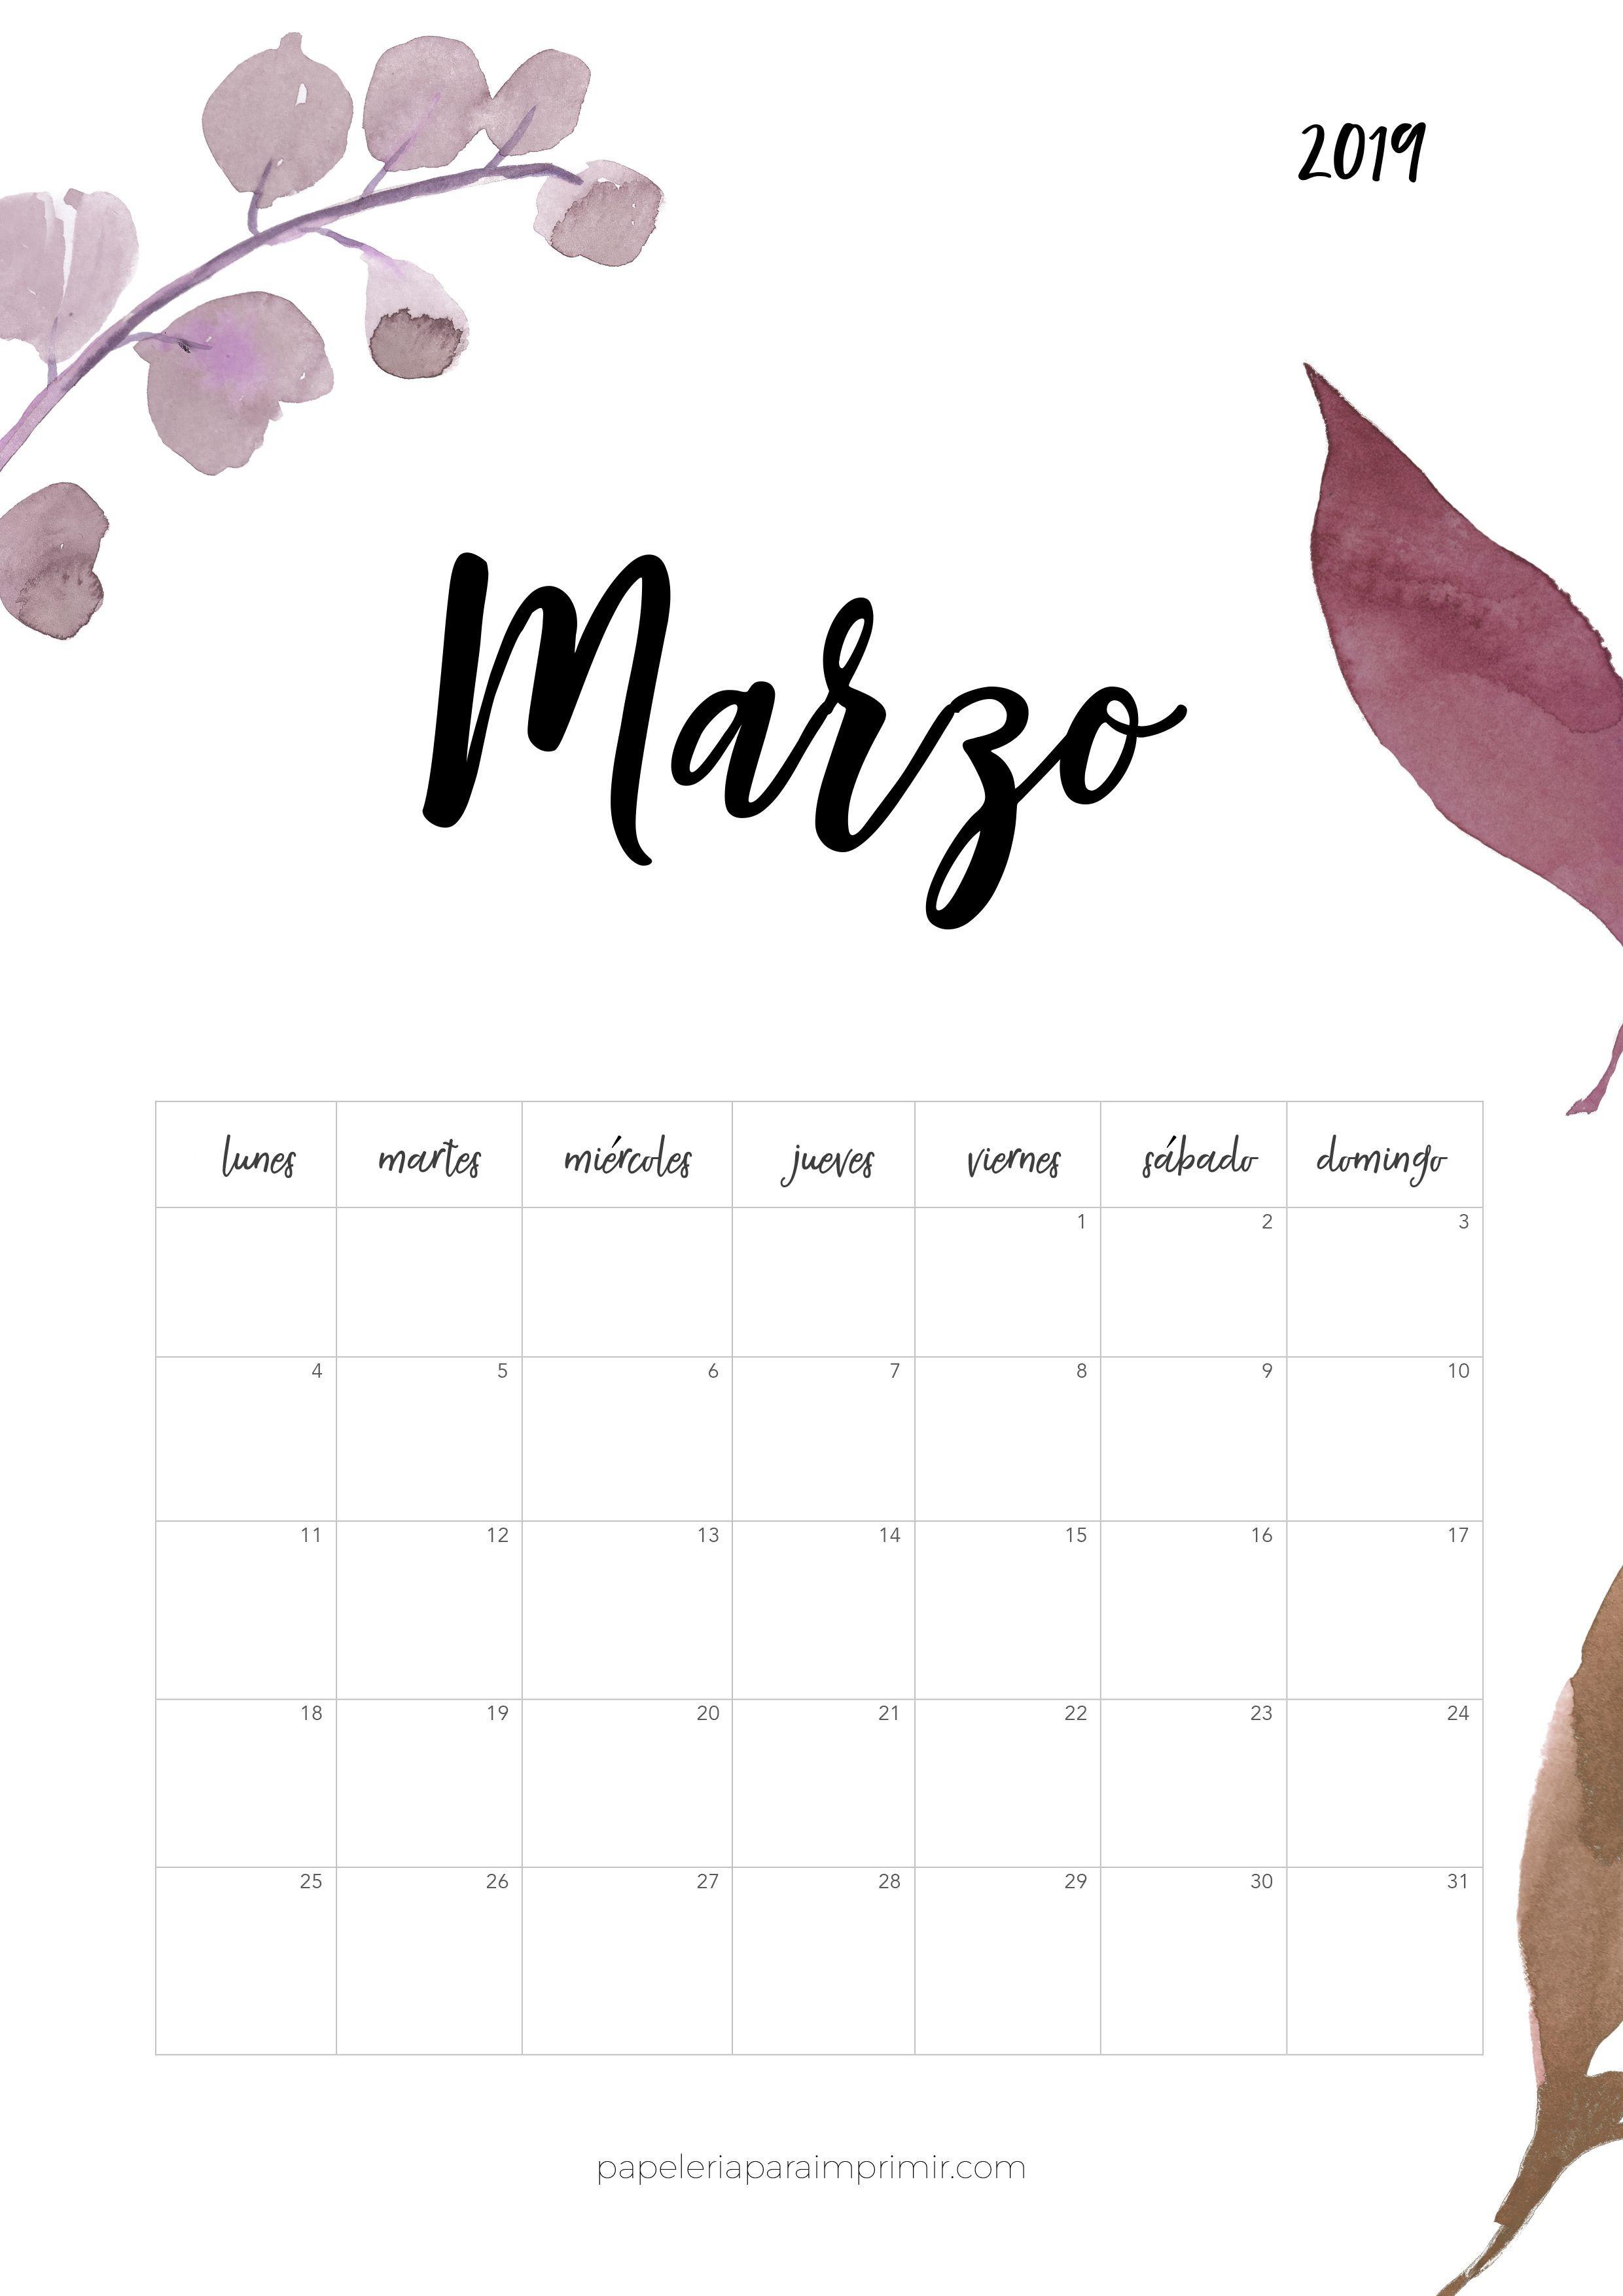 calendario para imprimir 2019 abril mas recientes calendario para imprimir 2019 marzo calendario calendar of calendario para imprimir 2019 abril